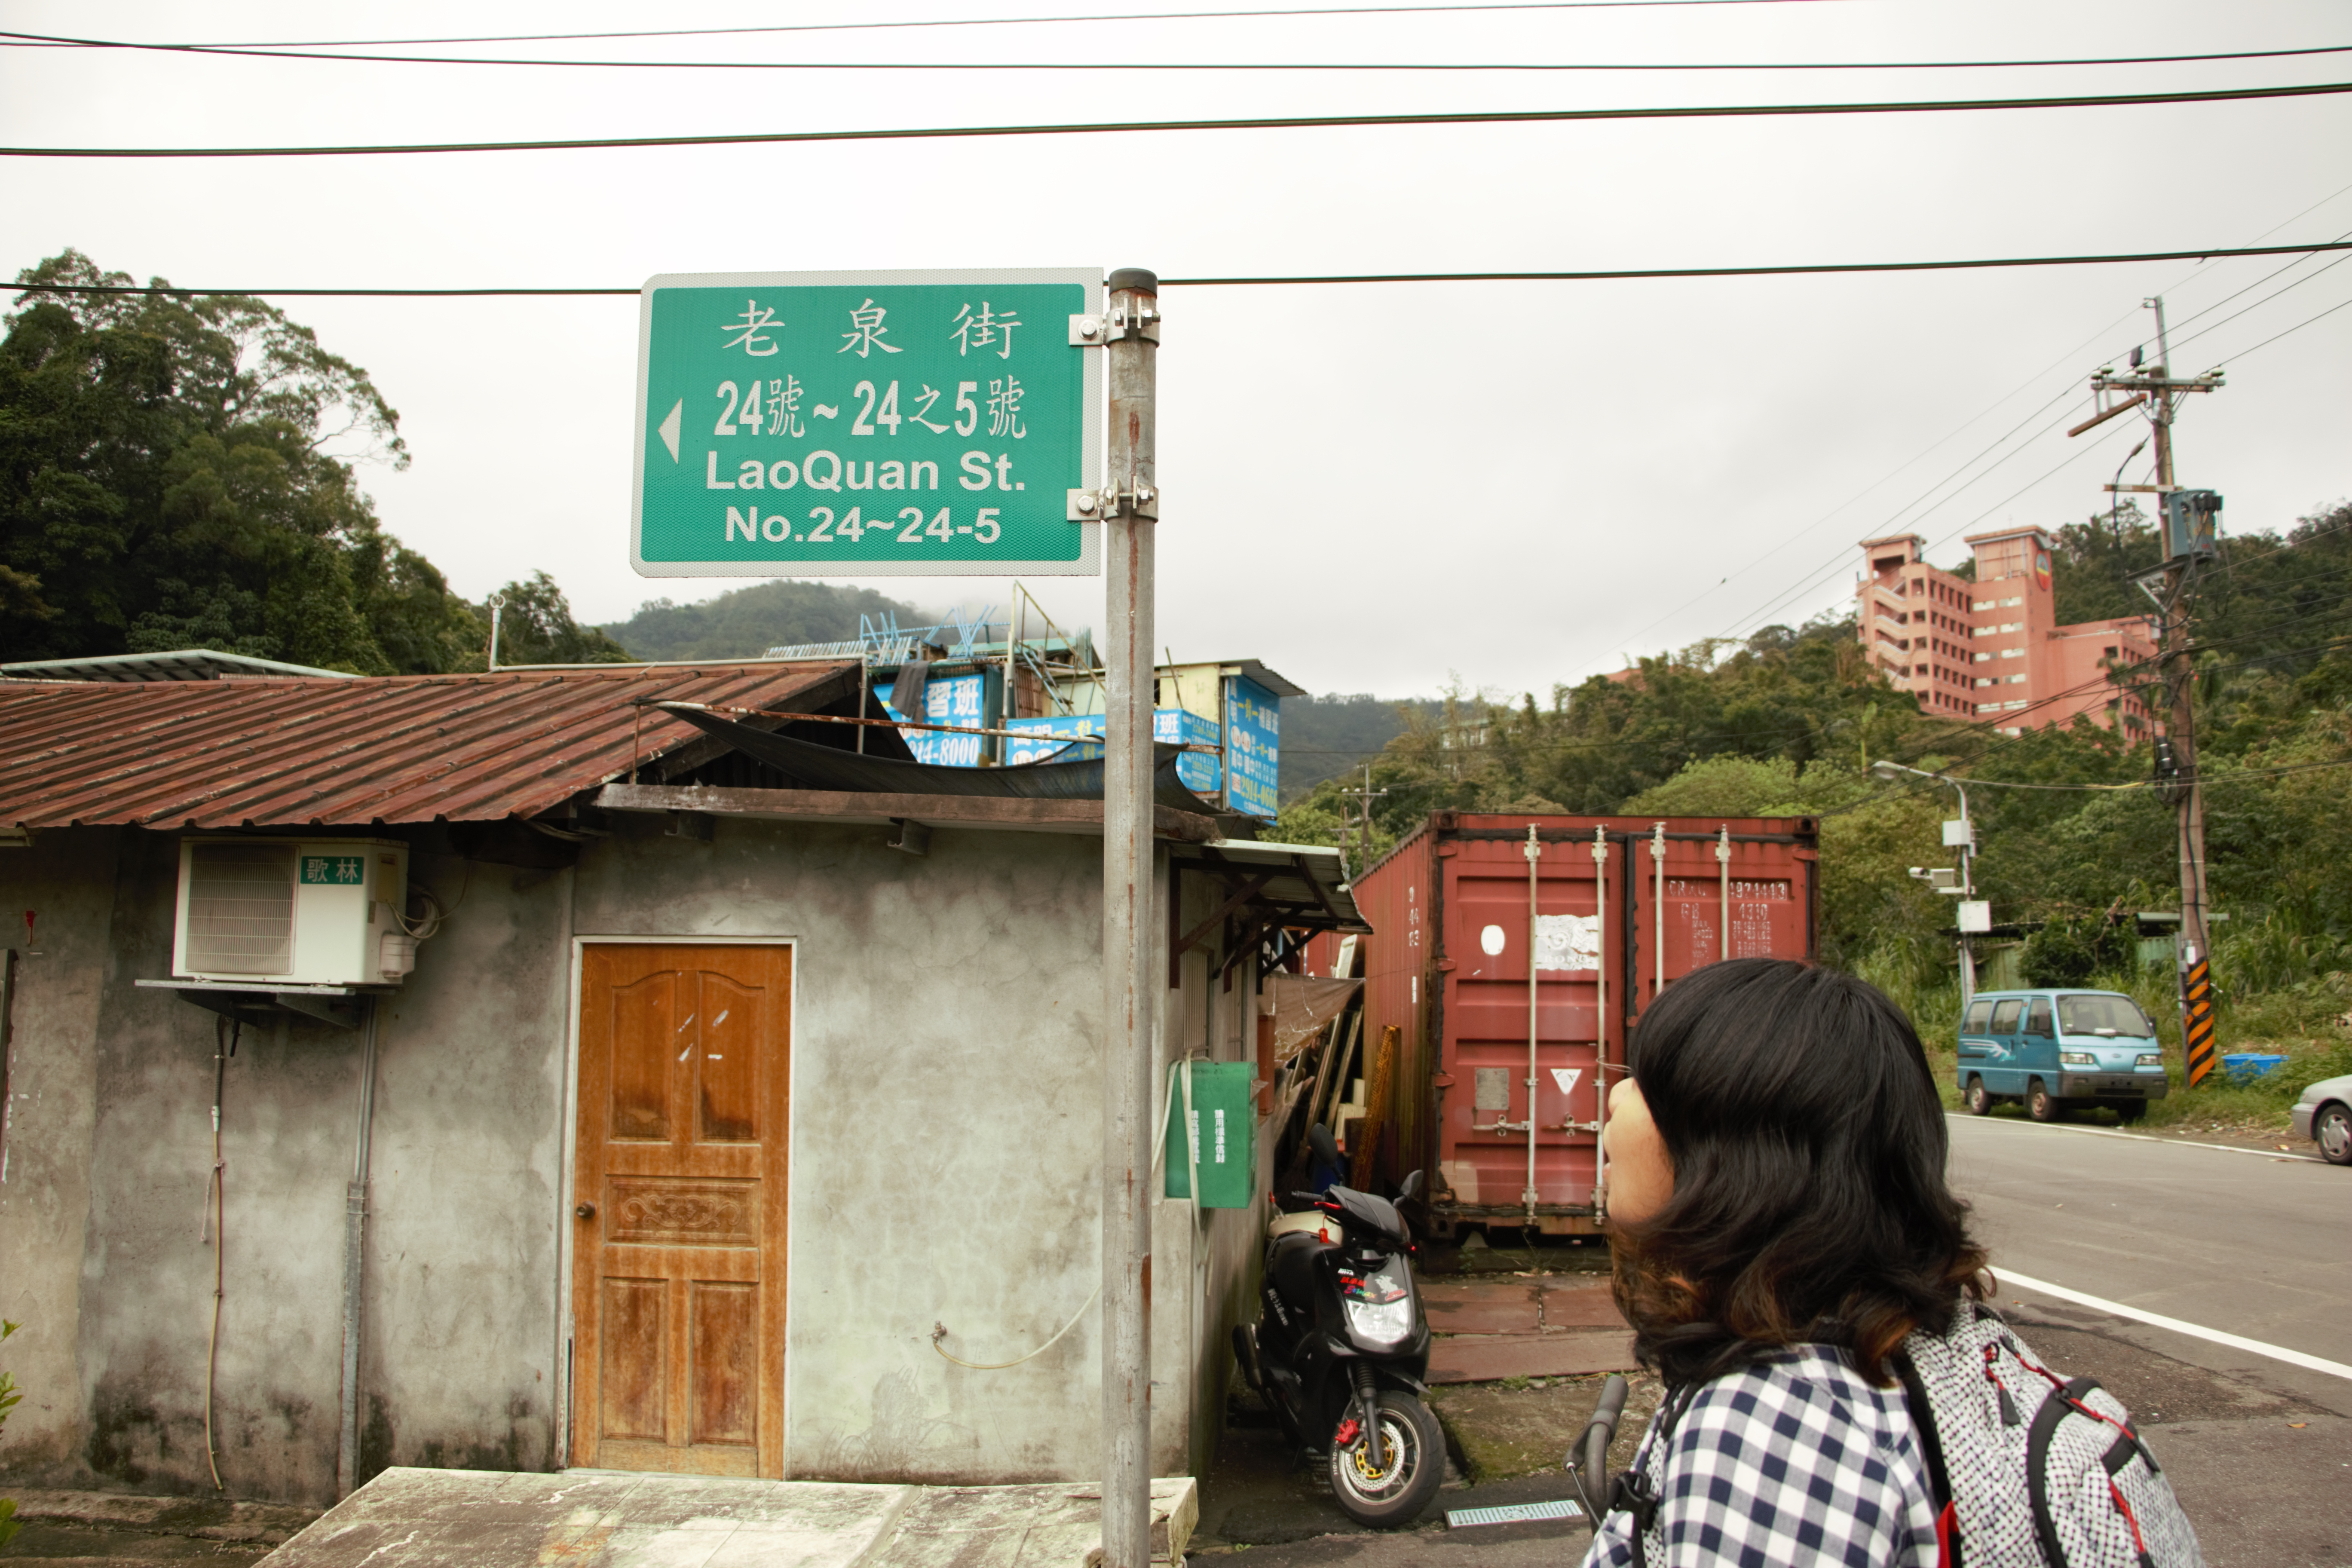 新設路標後,遊客更能清楚知道其所在地點。